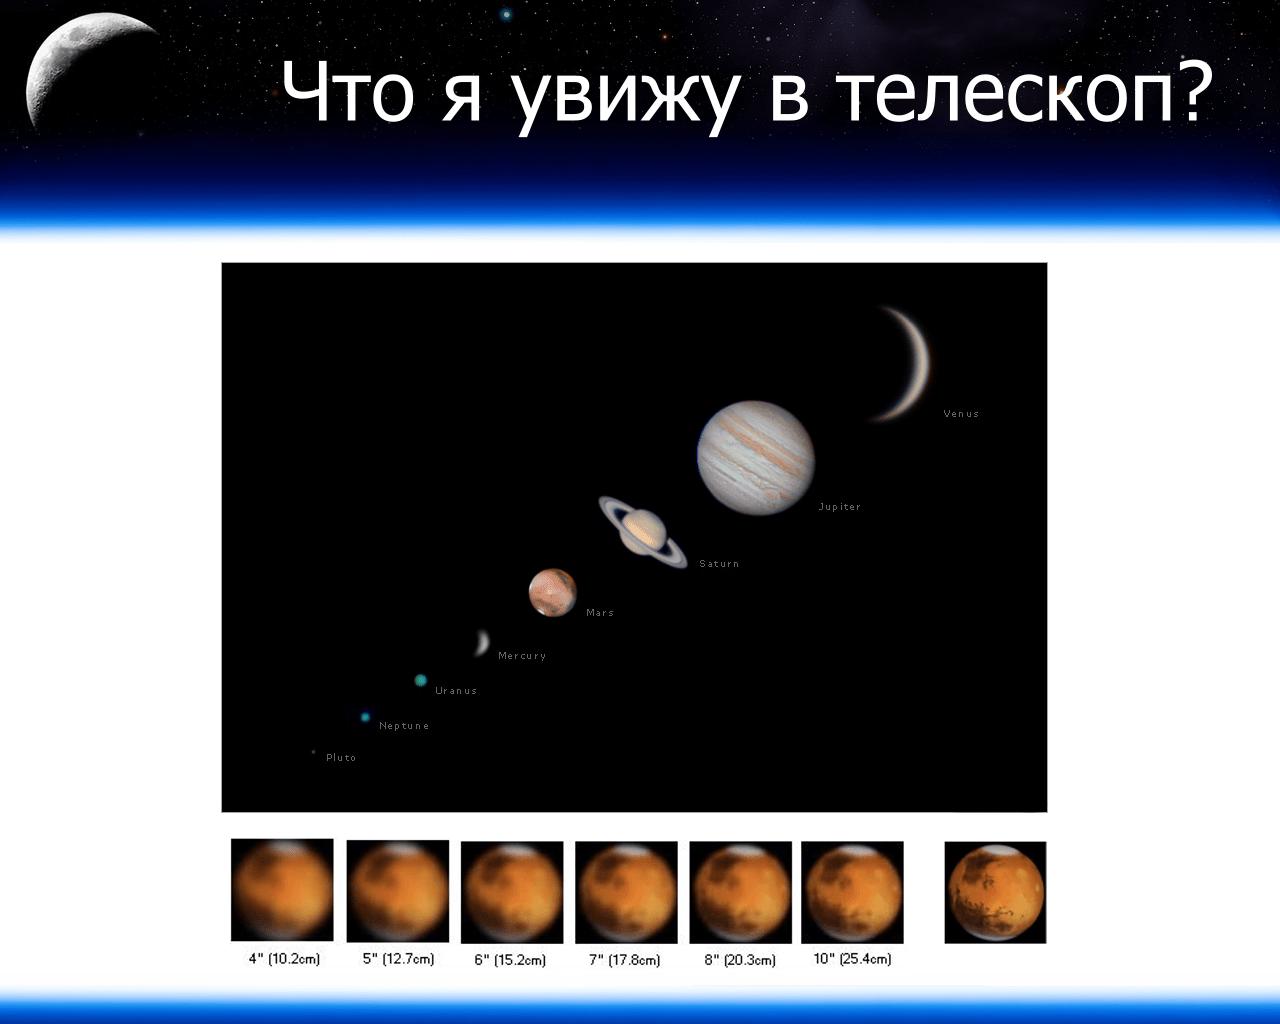 3.9. дифракционный предел разрешения оптических инструментов